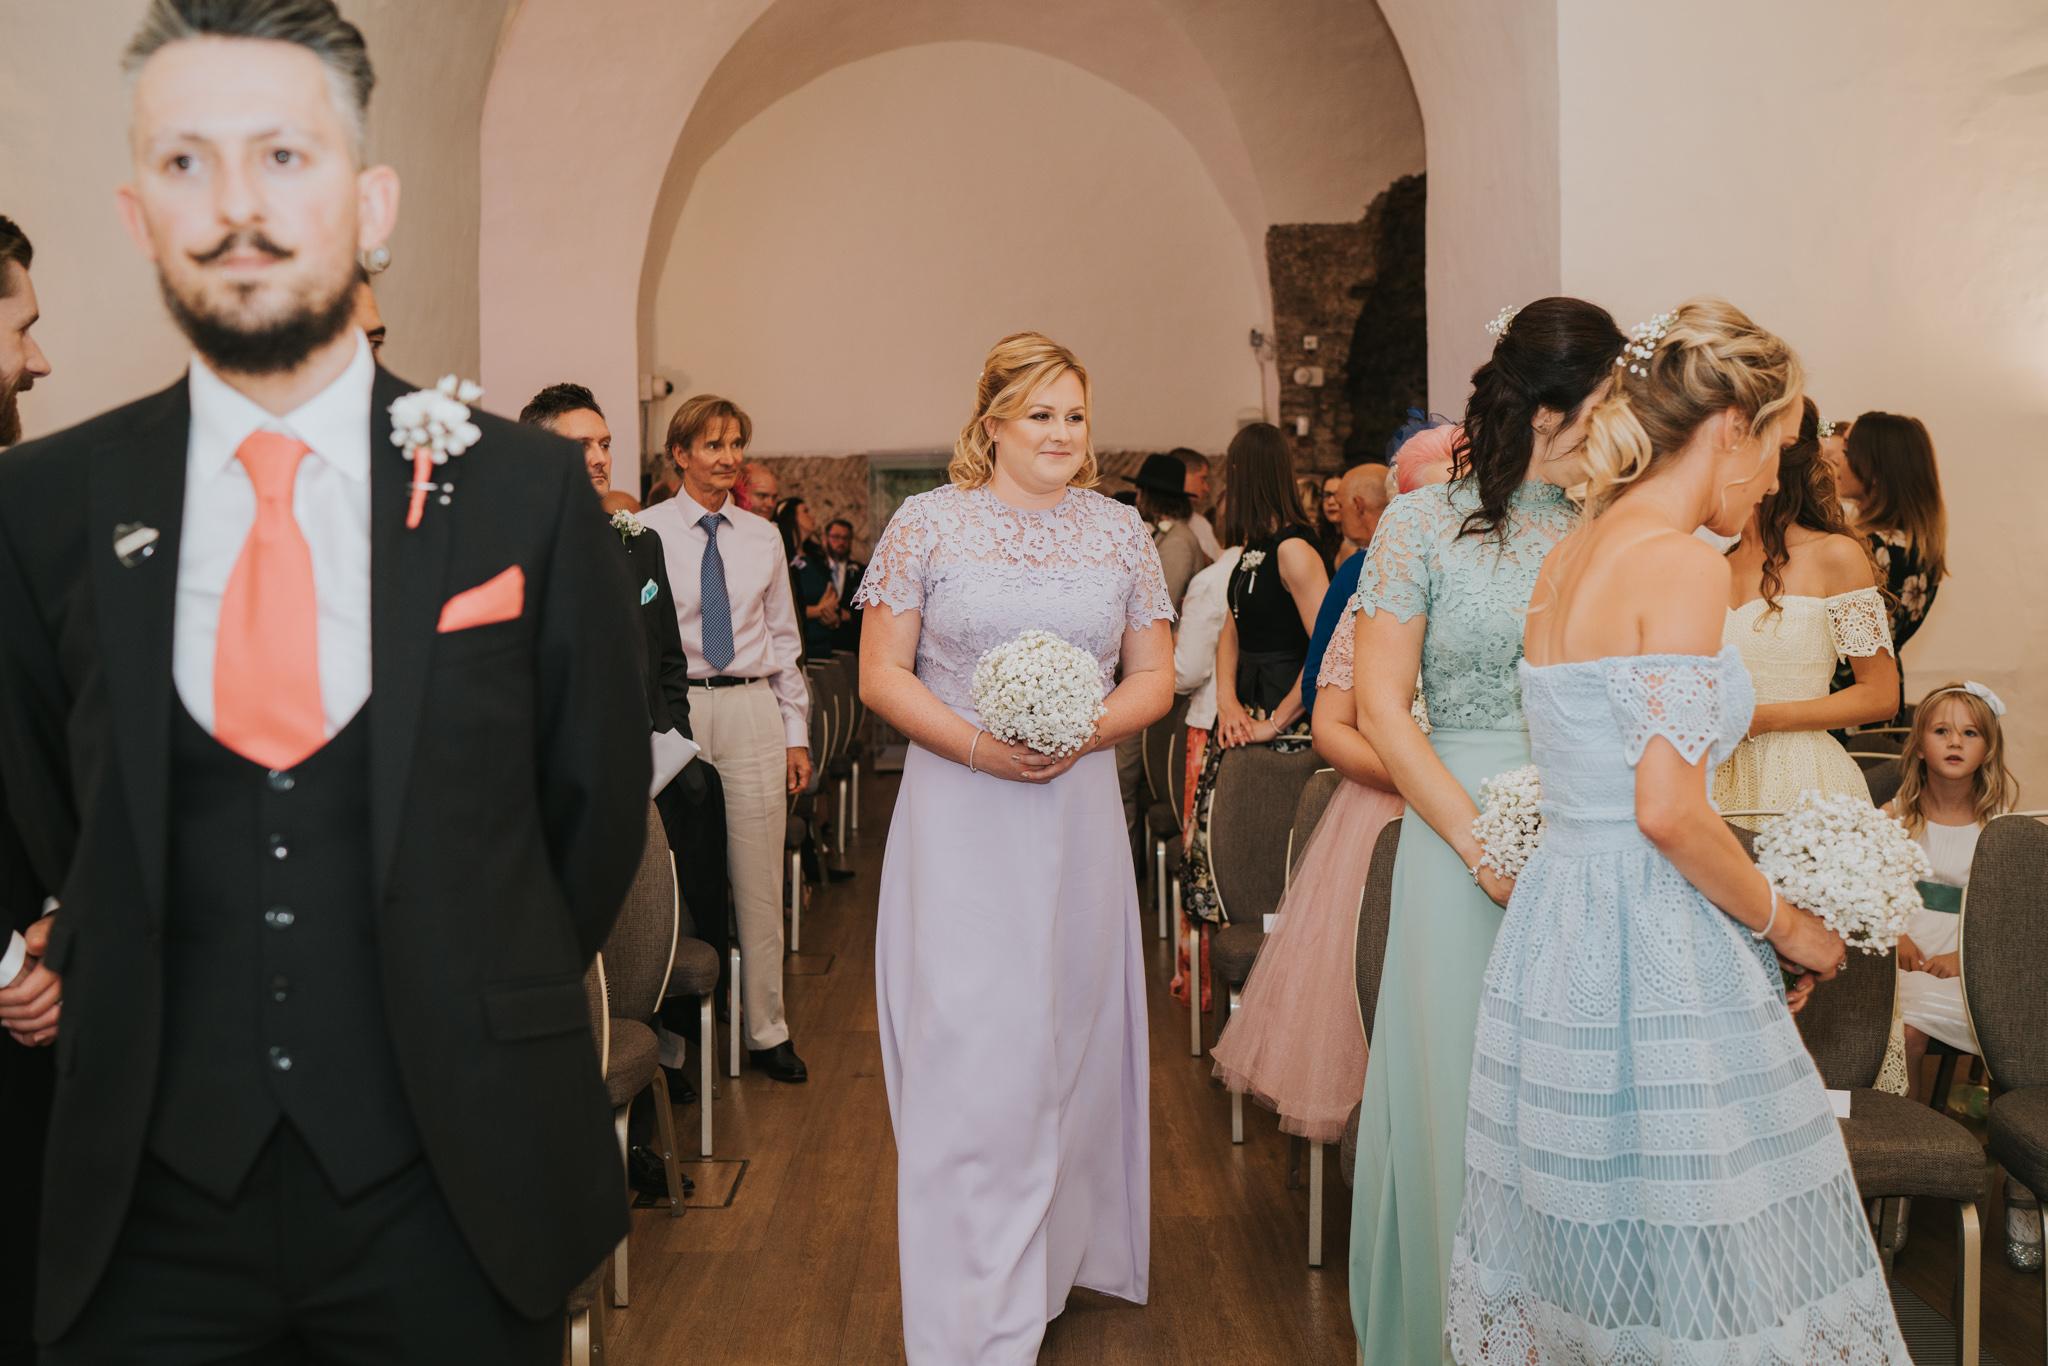 Joe-Tiffany-Colchester-Castle-Wedding-Essex-Grace-Elizabeth-Colchester-Essex-Alternative-Wedding-Photographer-Suffolk-Norfolk-Devon (46 of 122).jpg